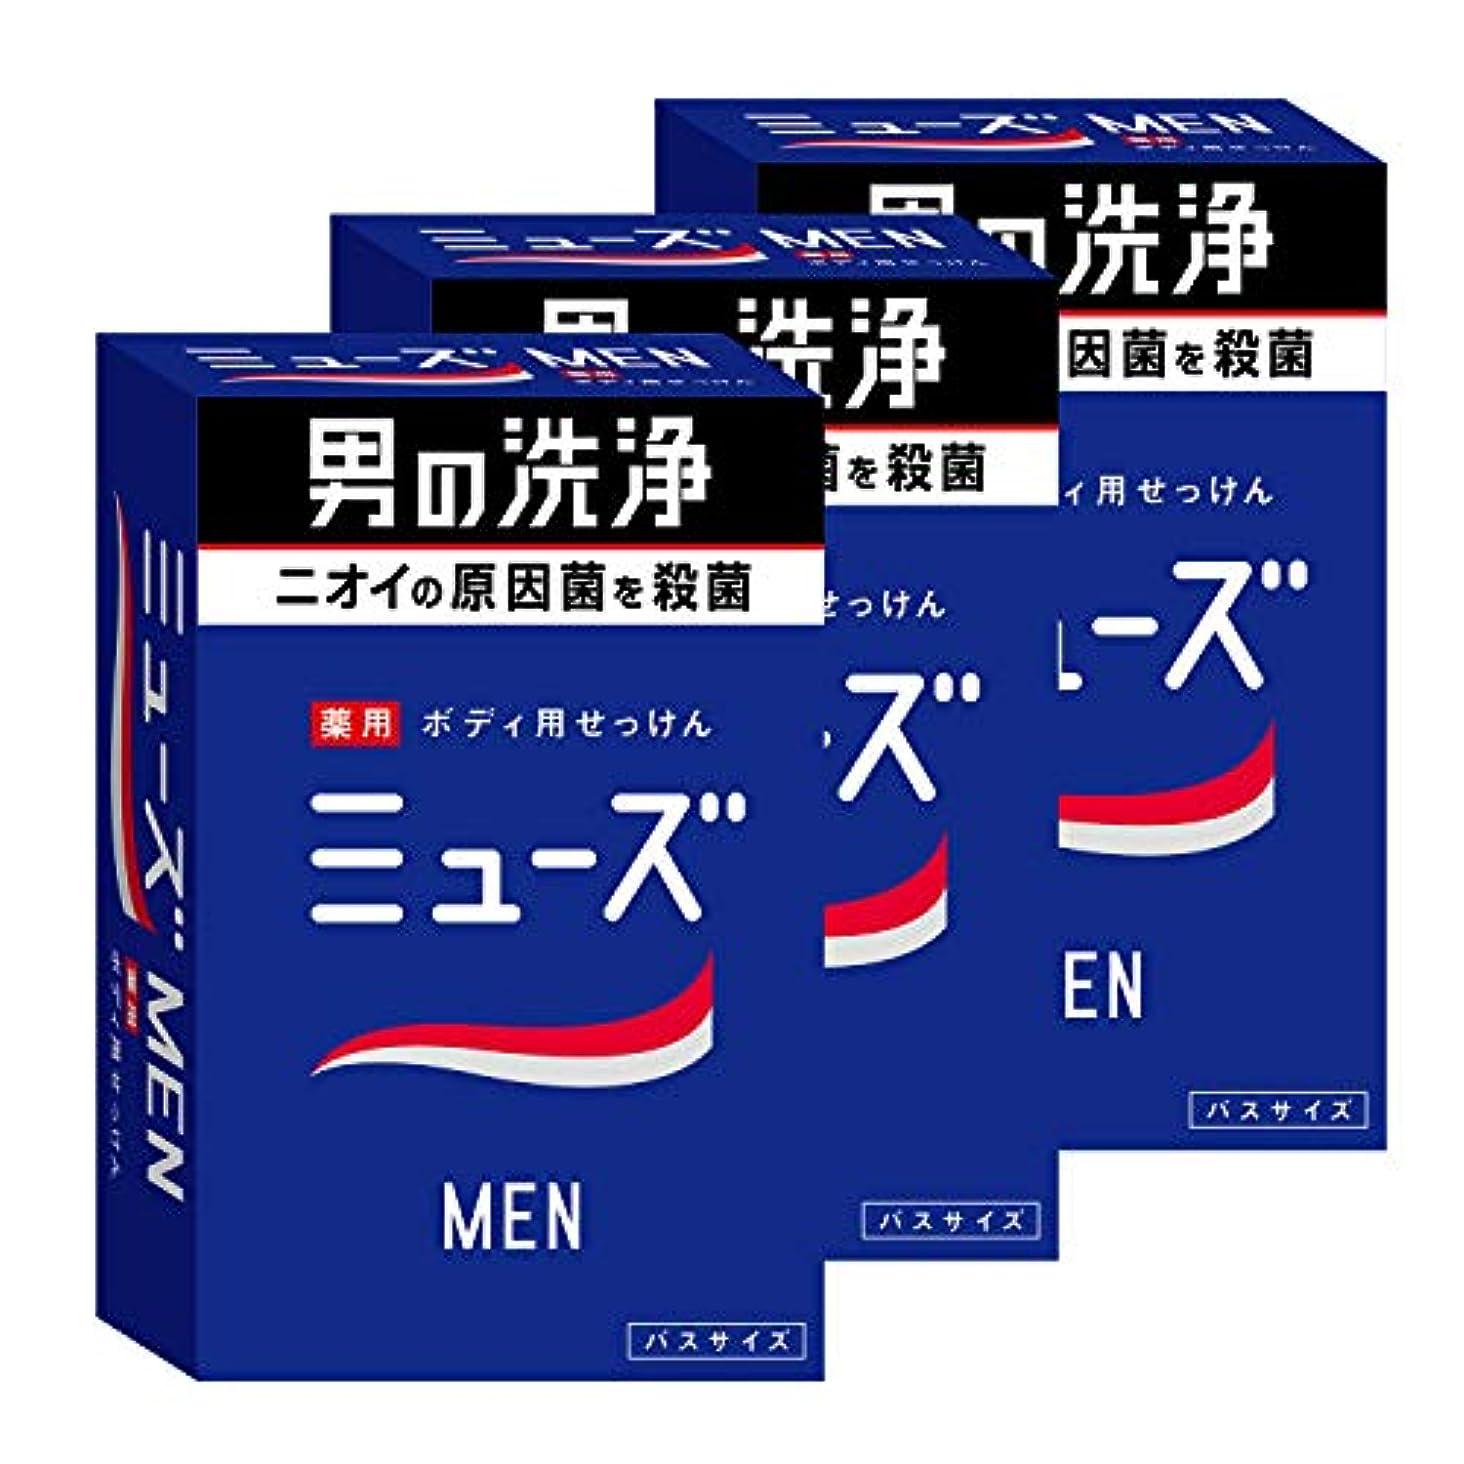 美しいアレンジガレージ【医薬部外品】ミューズメン ボディ用 石鹸 135g ×3個 消臭